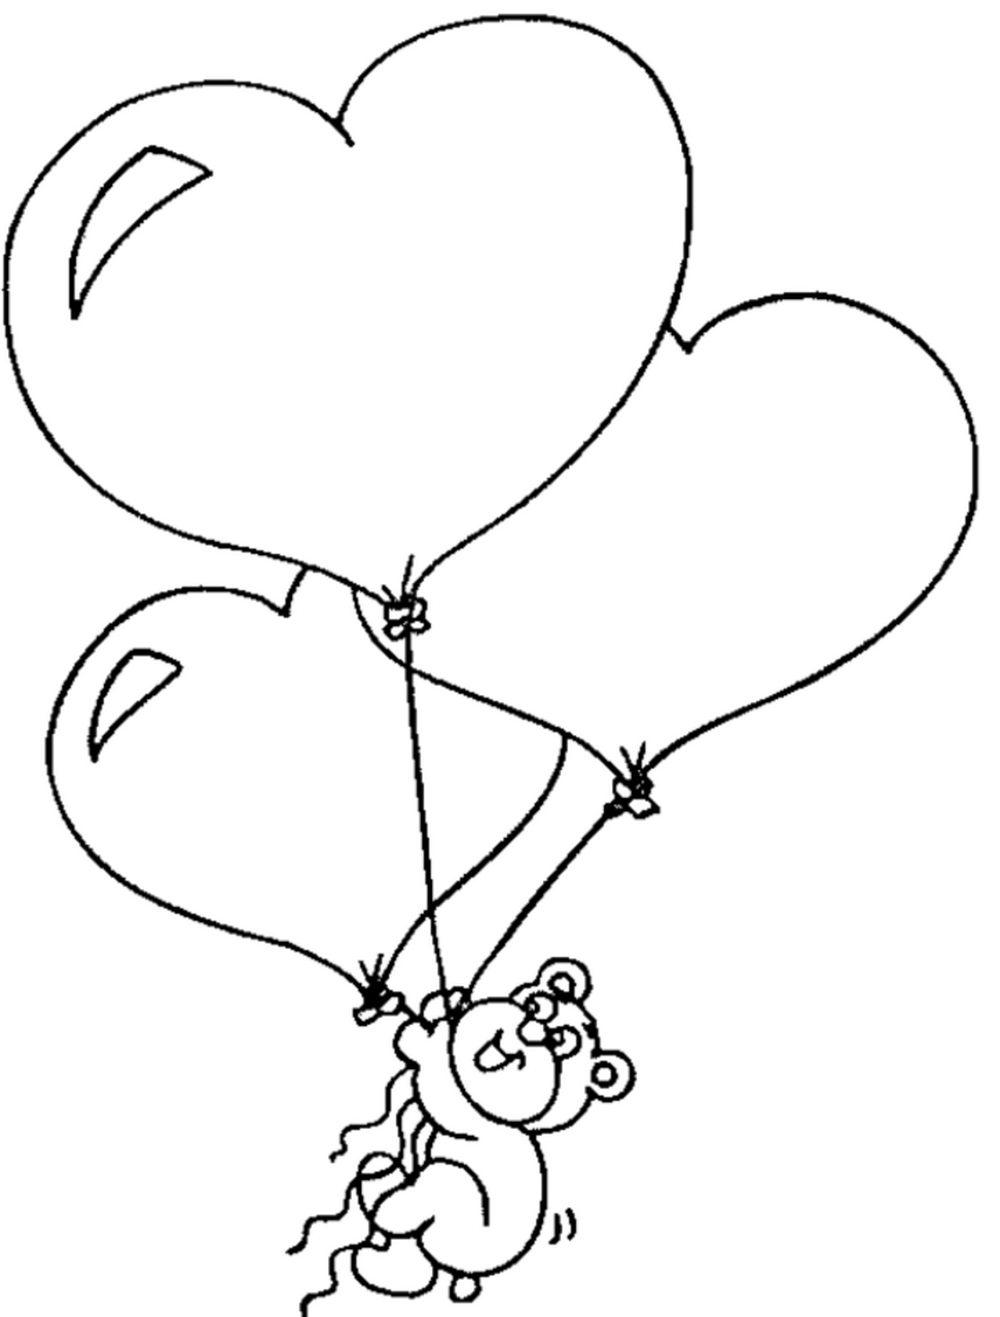 раскраски сердечки скачать и распечатать бесплатно рисунки